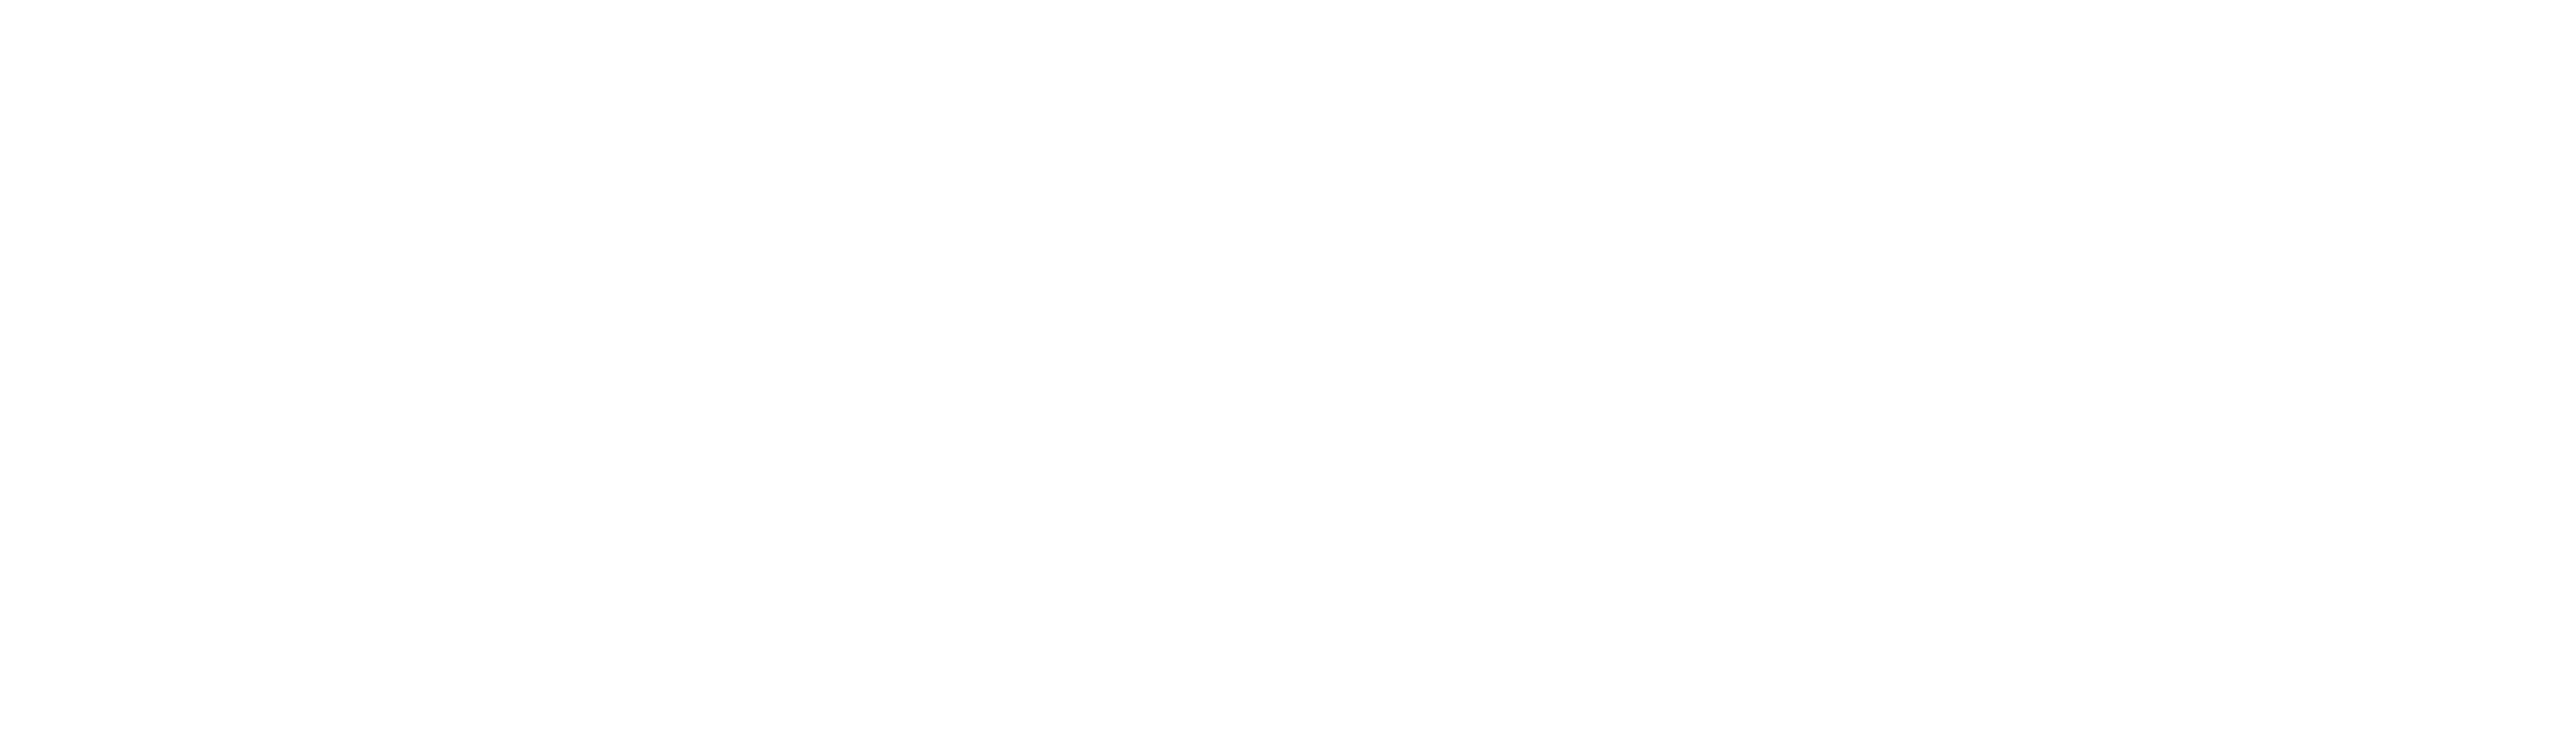 GSA 3 - White